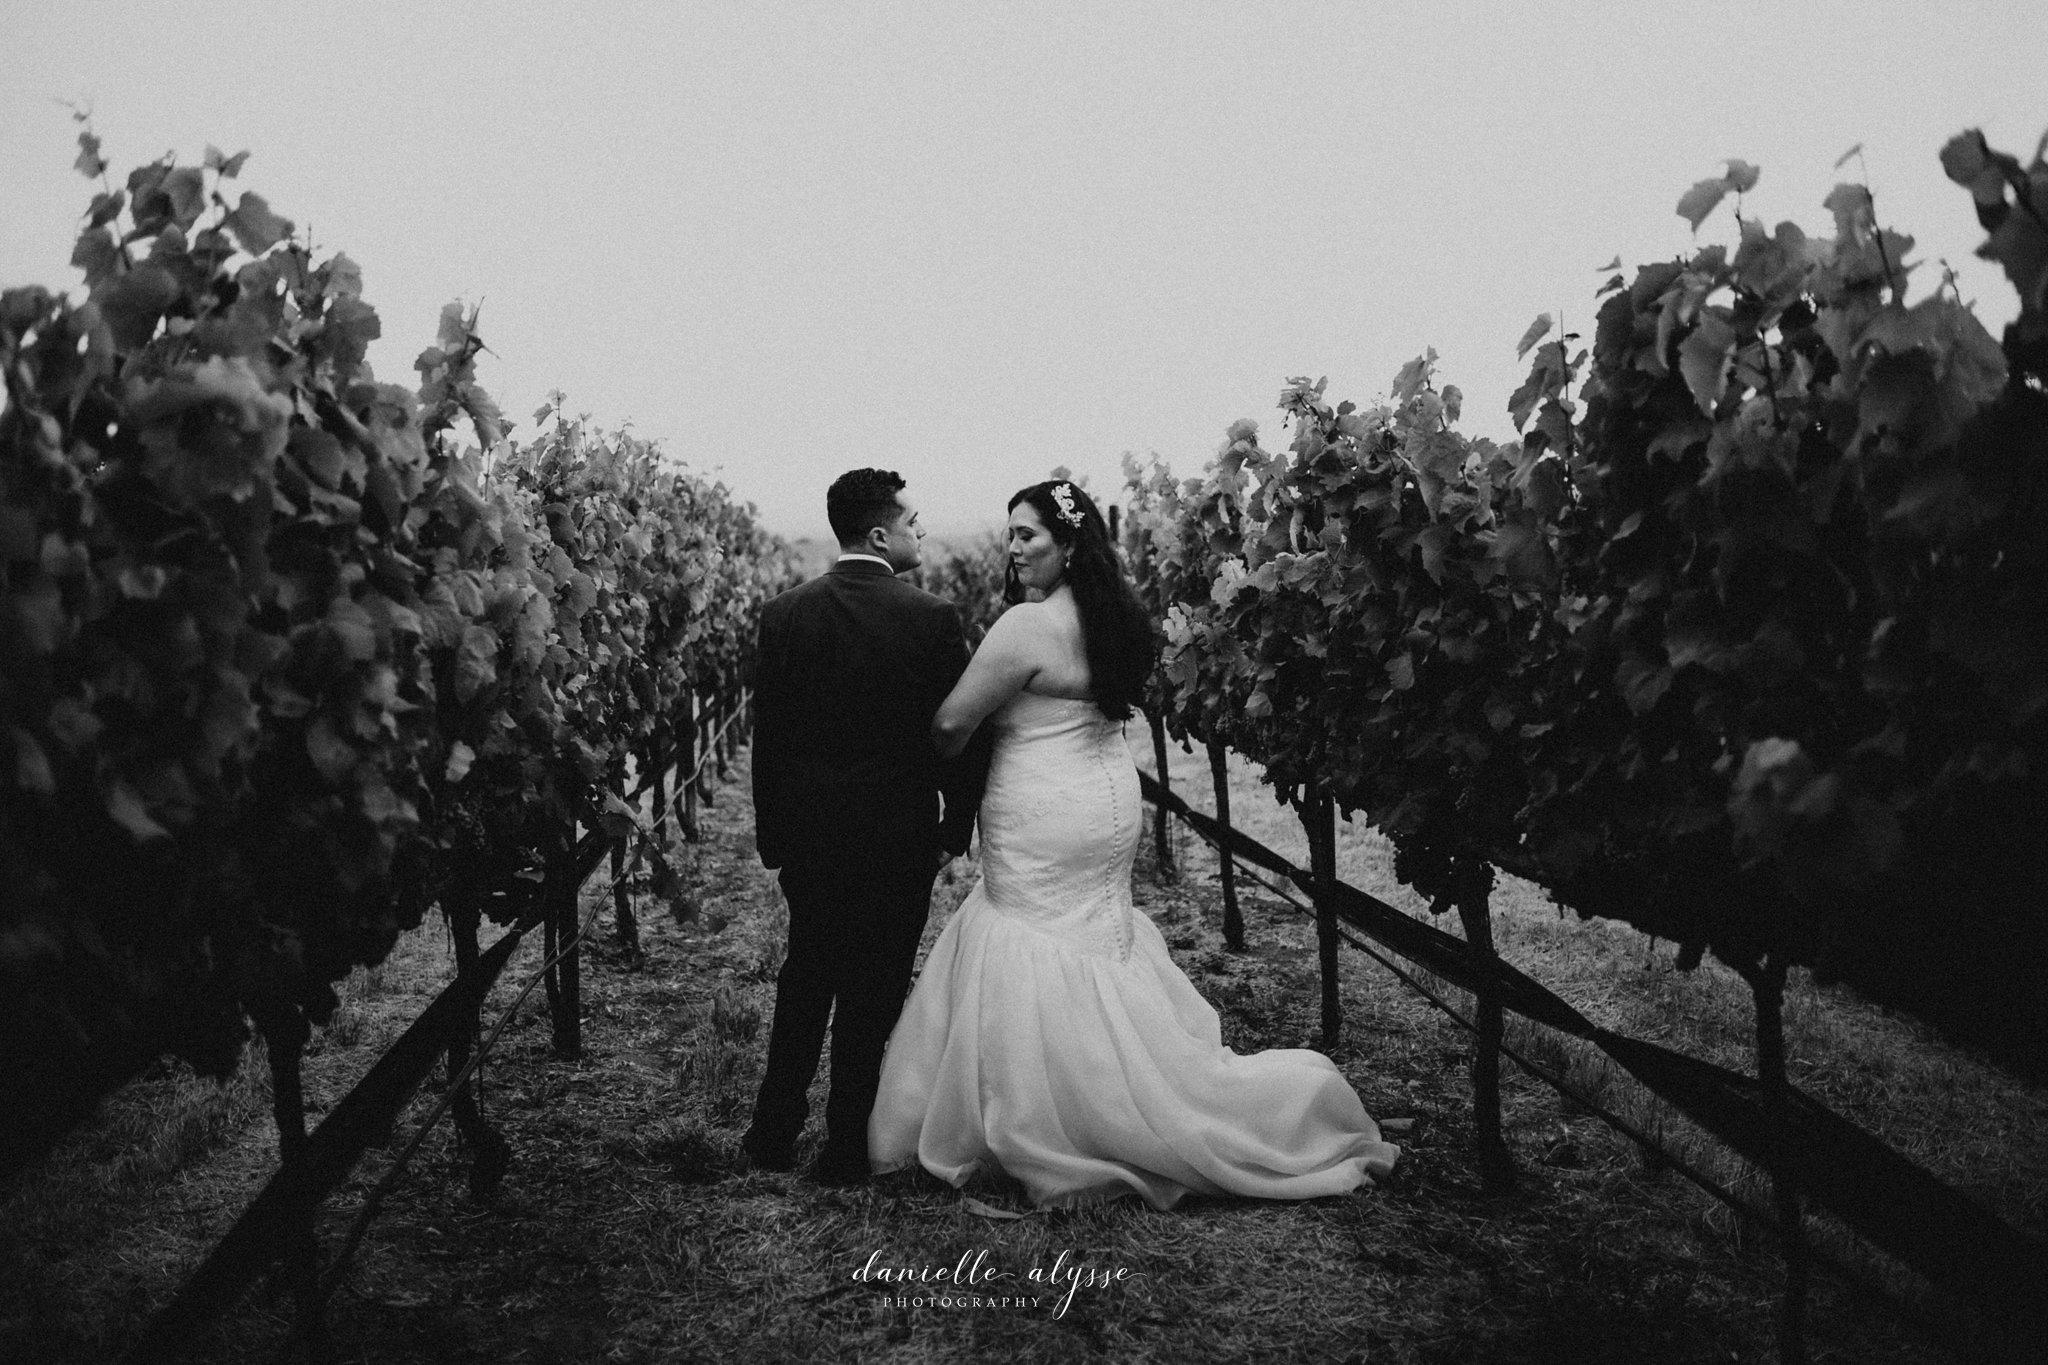 180630_wedding_lily_ryan_mission_soledad_california_danielle_alysse_photography_blog_1179_WEB.jpg